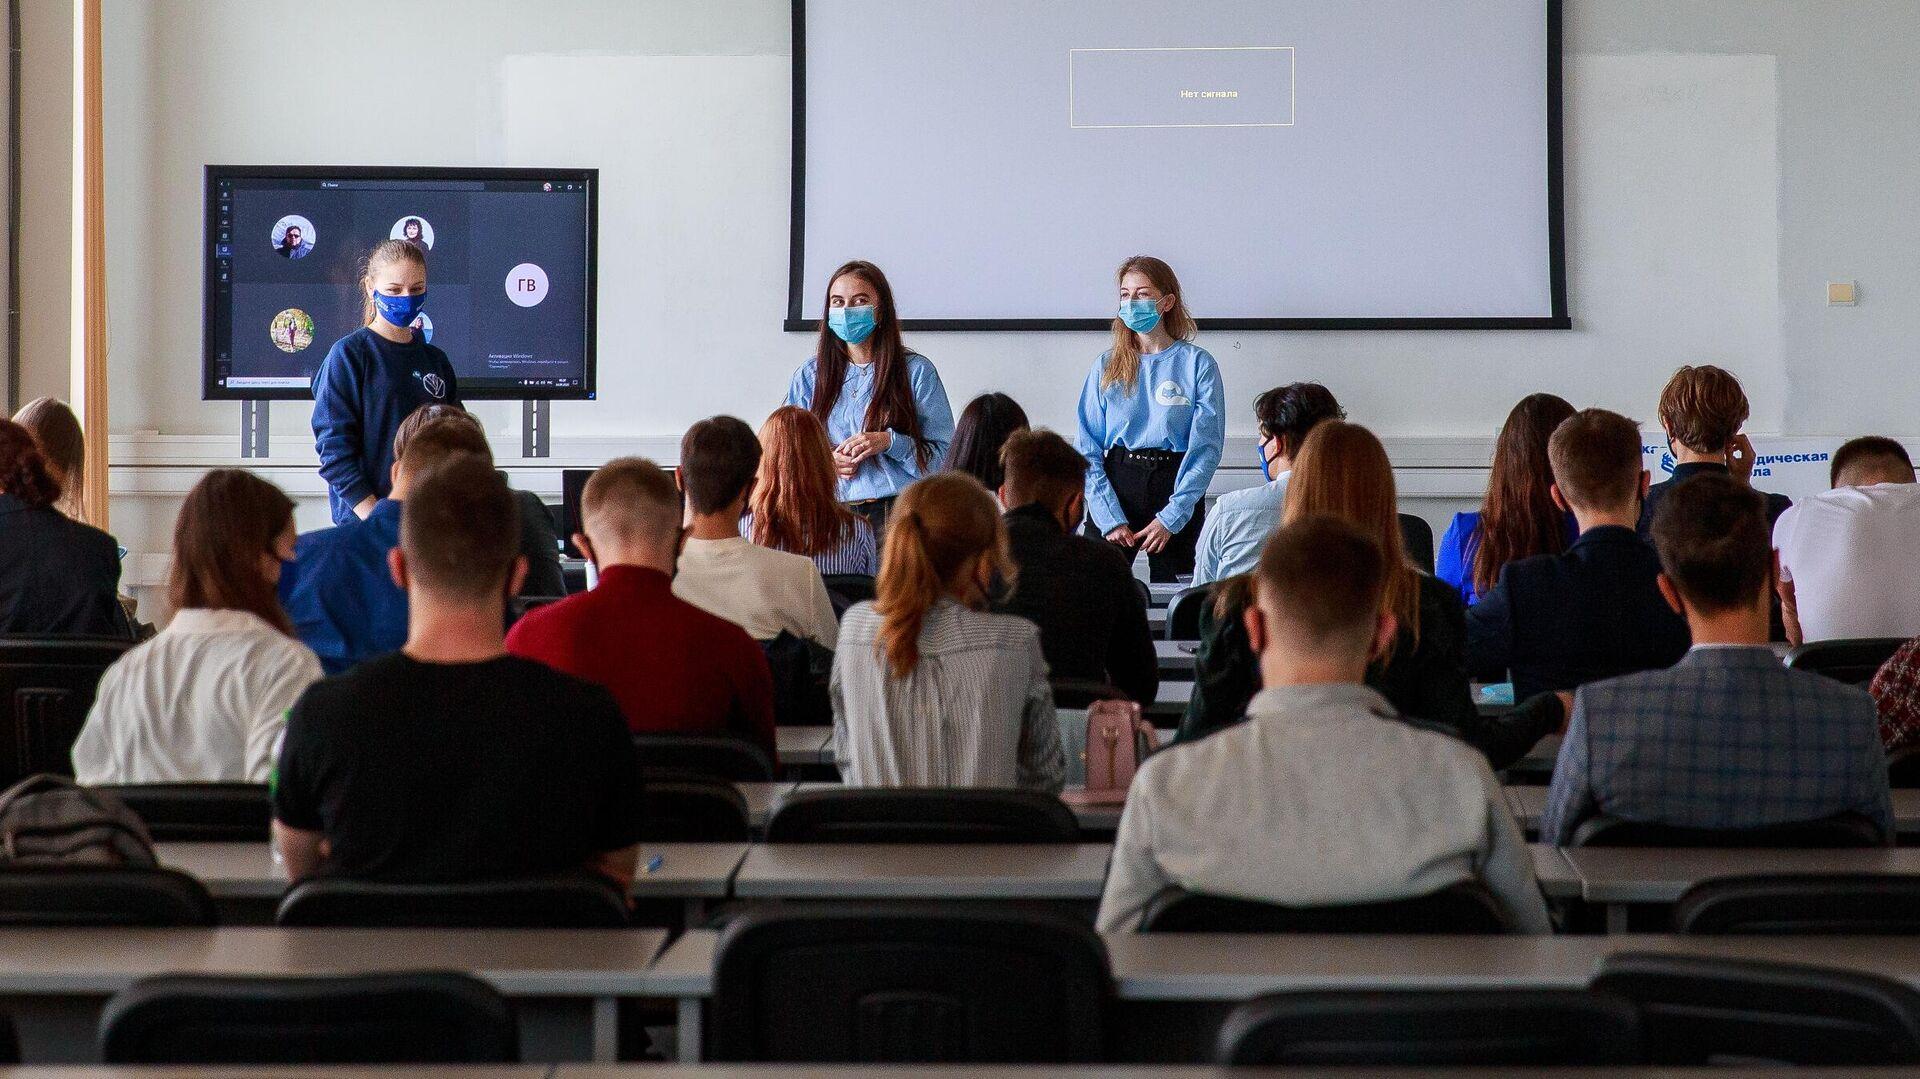 Студенты в аудитории Дальневосточного федерального университета во Владивостоке - РИА Новости, 1920, 19.04.2021